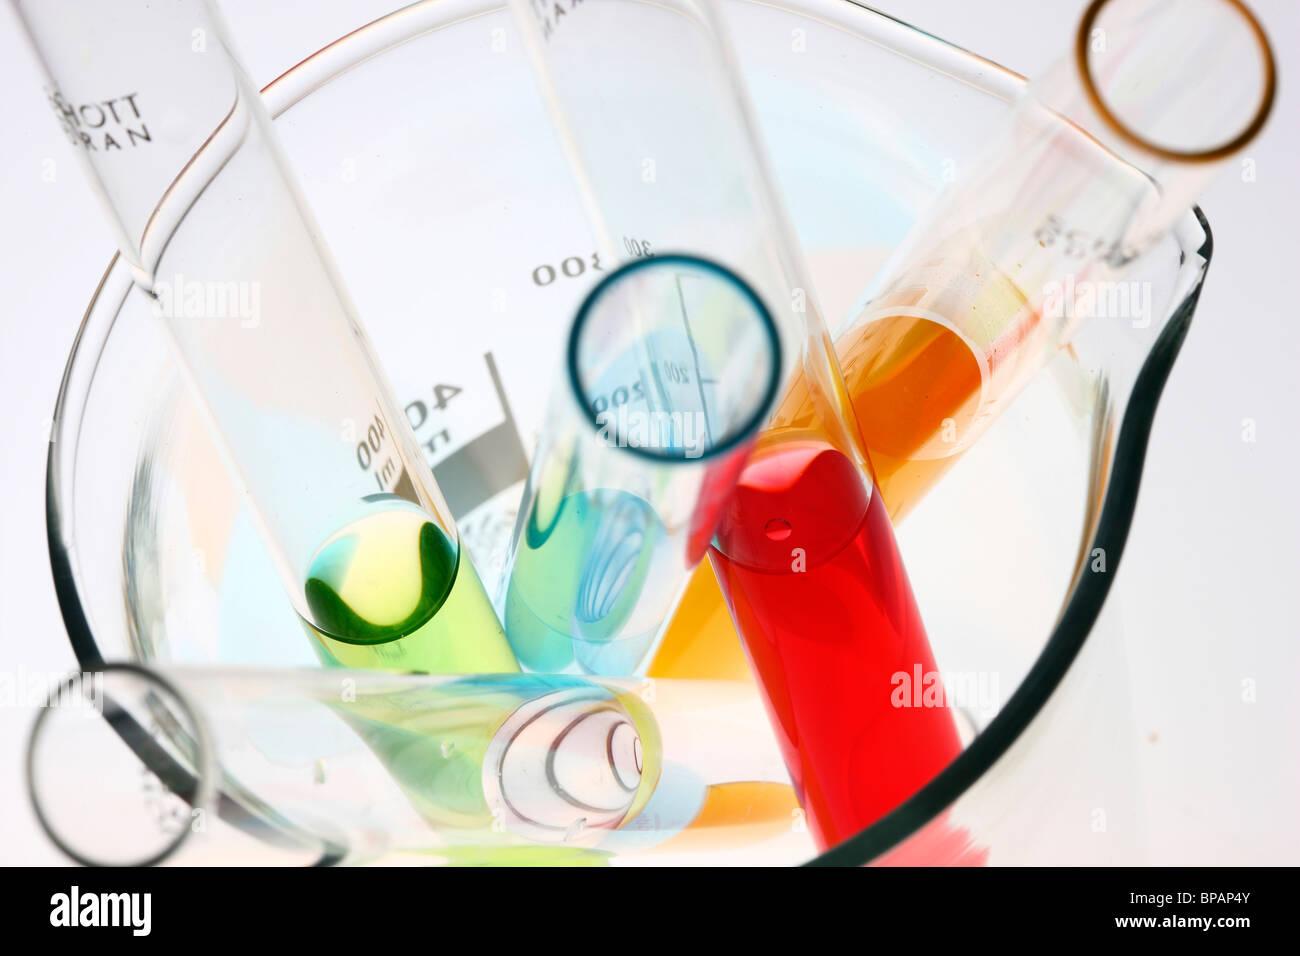 Productos químicos en tubos de ensayo. Productos químicos líquidos en un laboratorio químico. Imagen De Stock